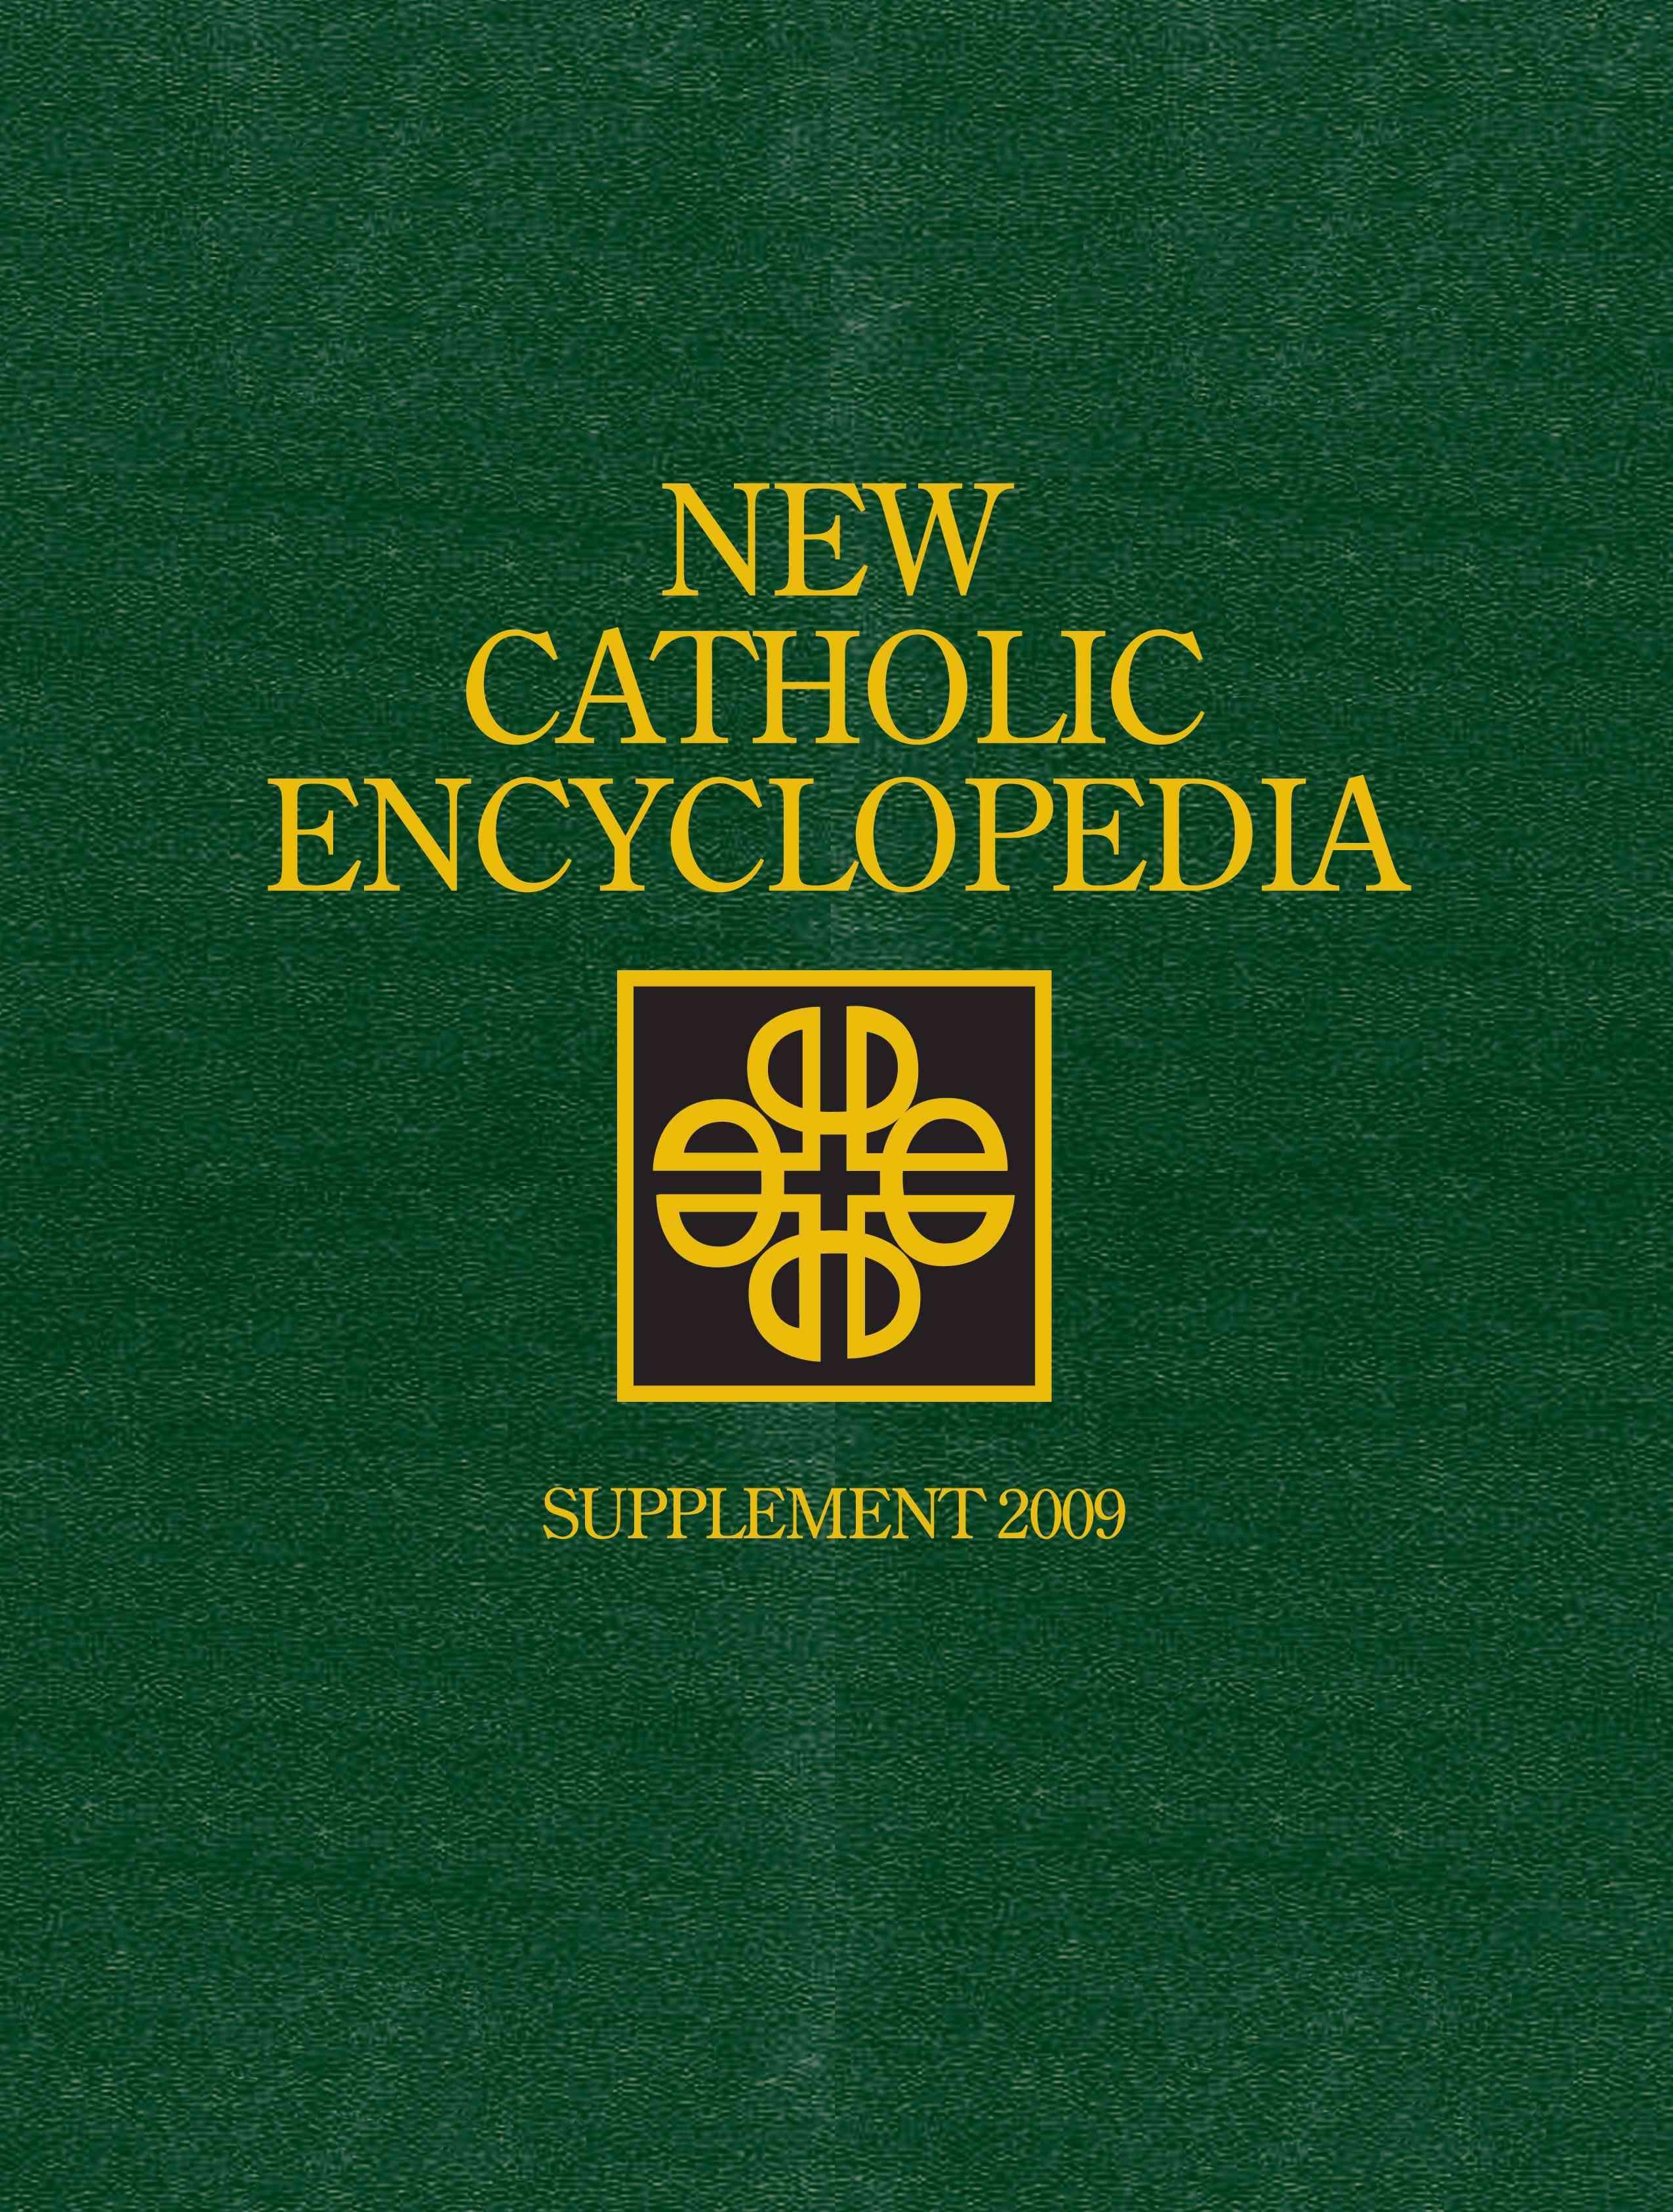 New Catholic Encyclopedia Supplement 2009 Cengage